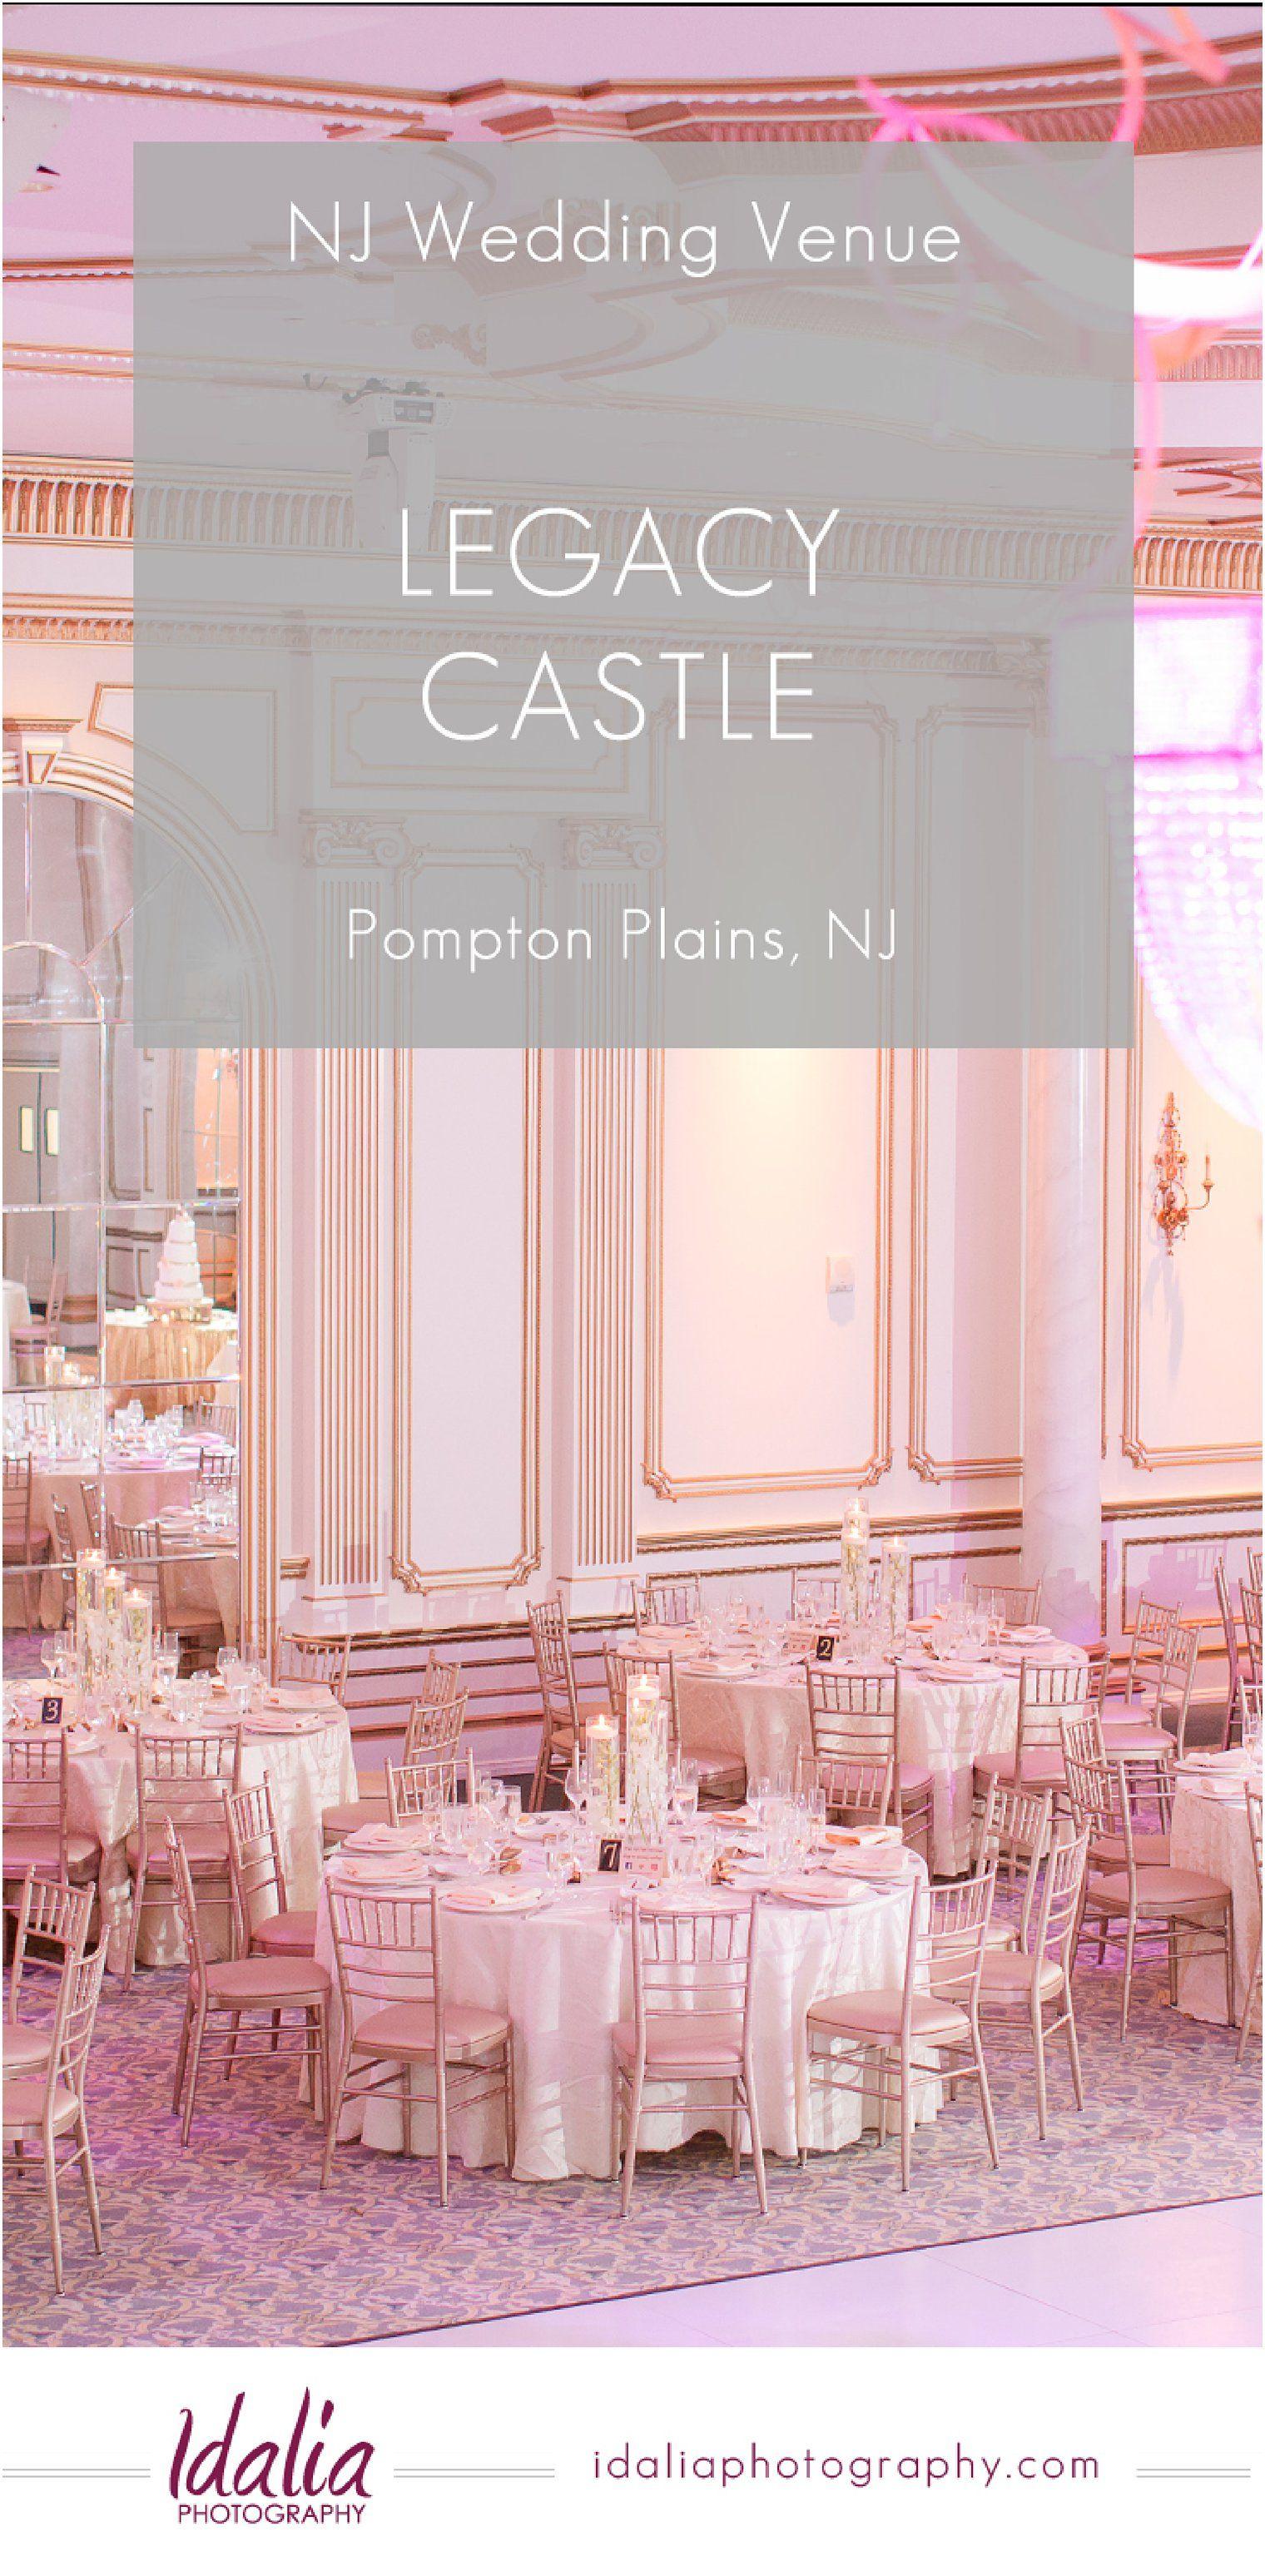 Legacy Castle (With images) Nj wedding venues, Castle